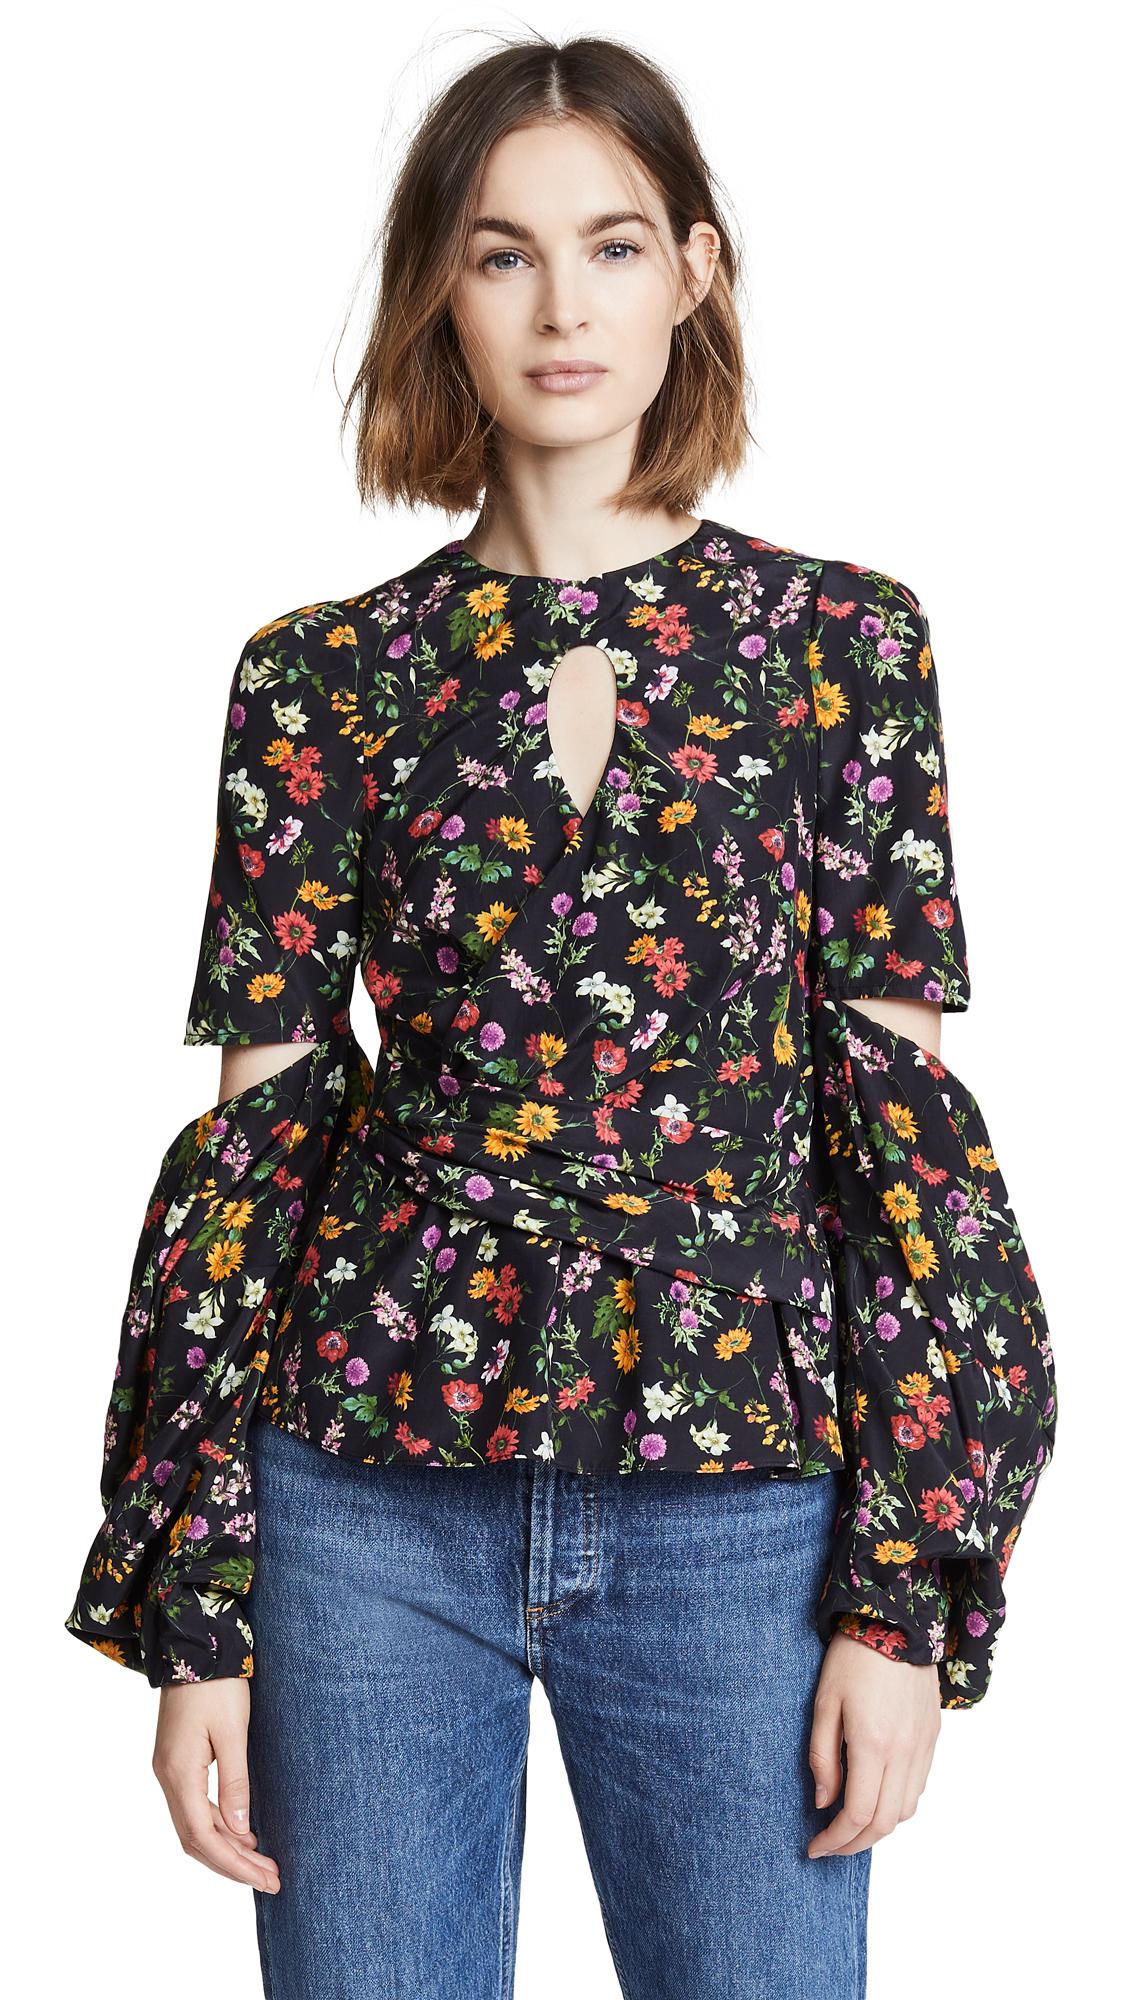 Hellessy Celeste Keyhole Floral Blouse In Black Floral